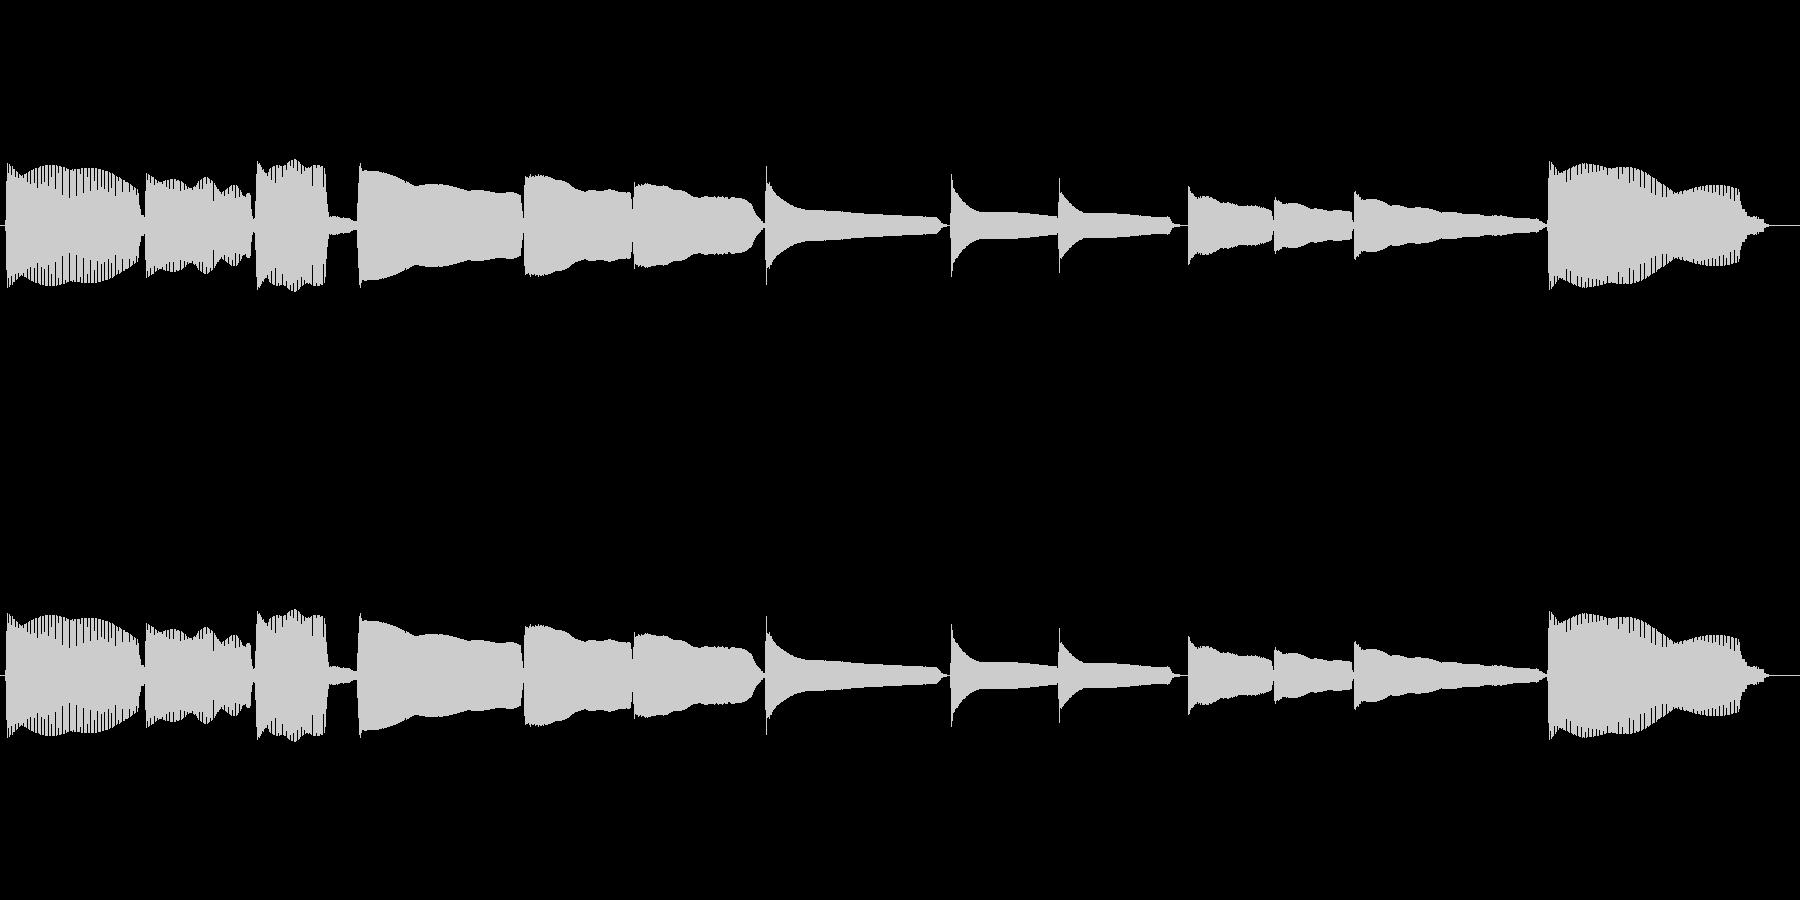 エレキベースのチューニング音の未再生の波形